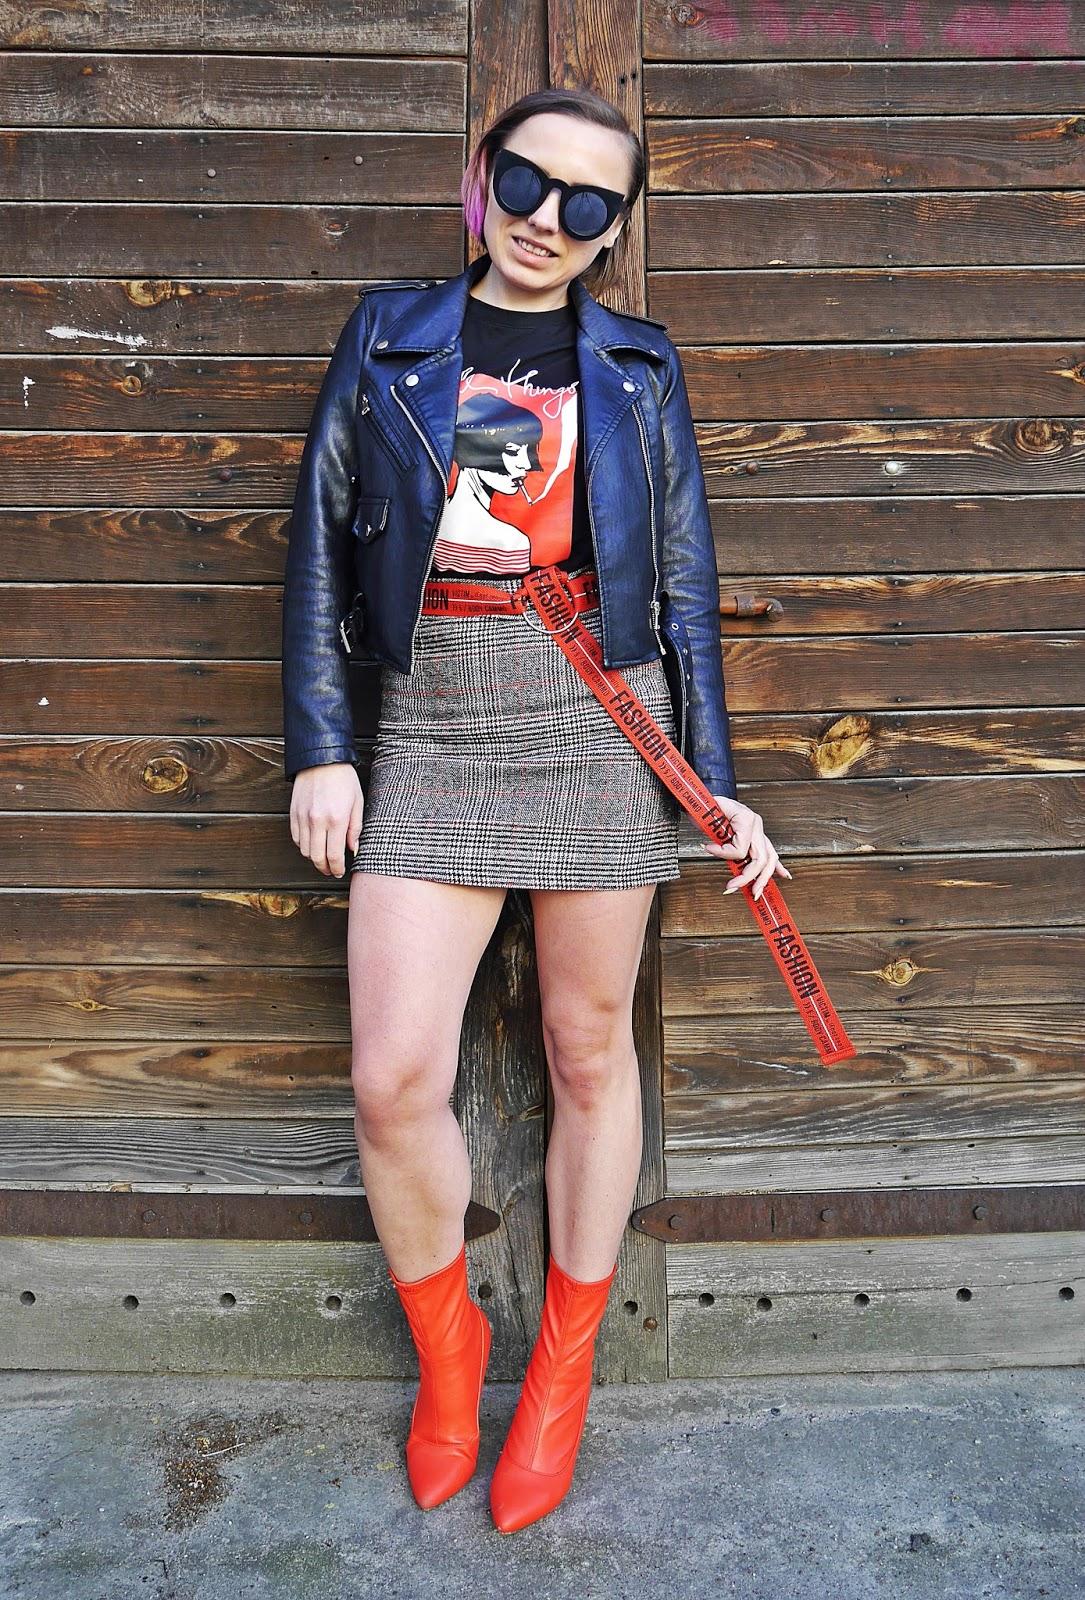 5_spodnica_w_krate_czerwone_botki_t-shirt_z_nadrukiem_karyn_blog_modowy_220418